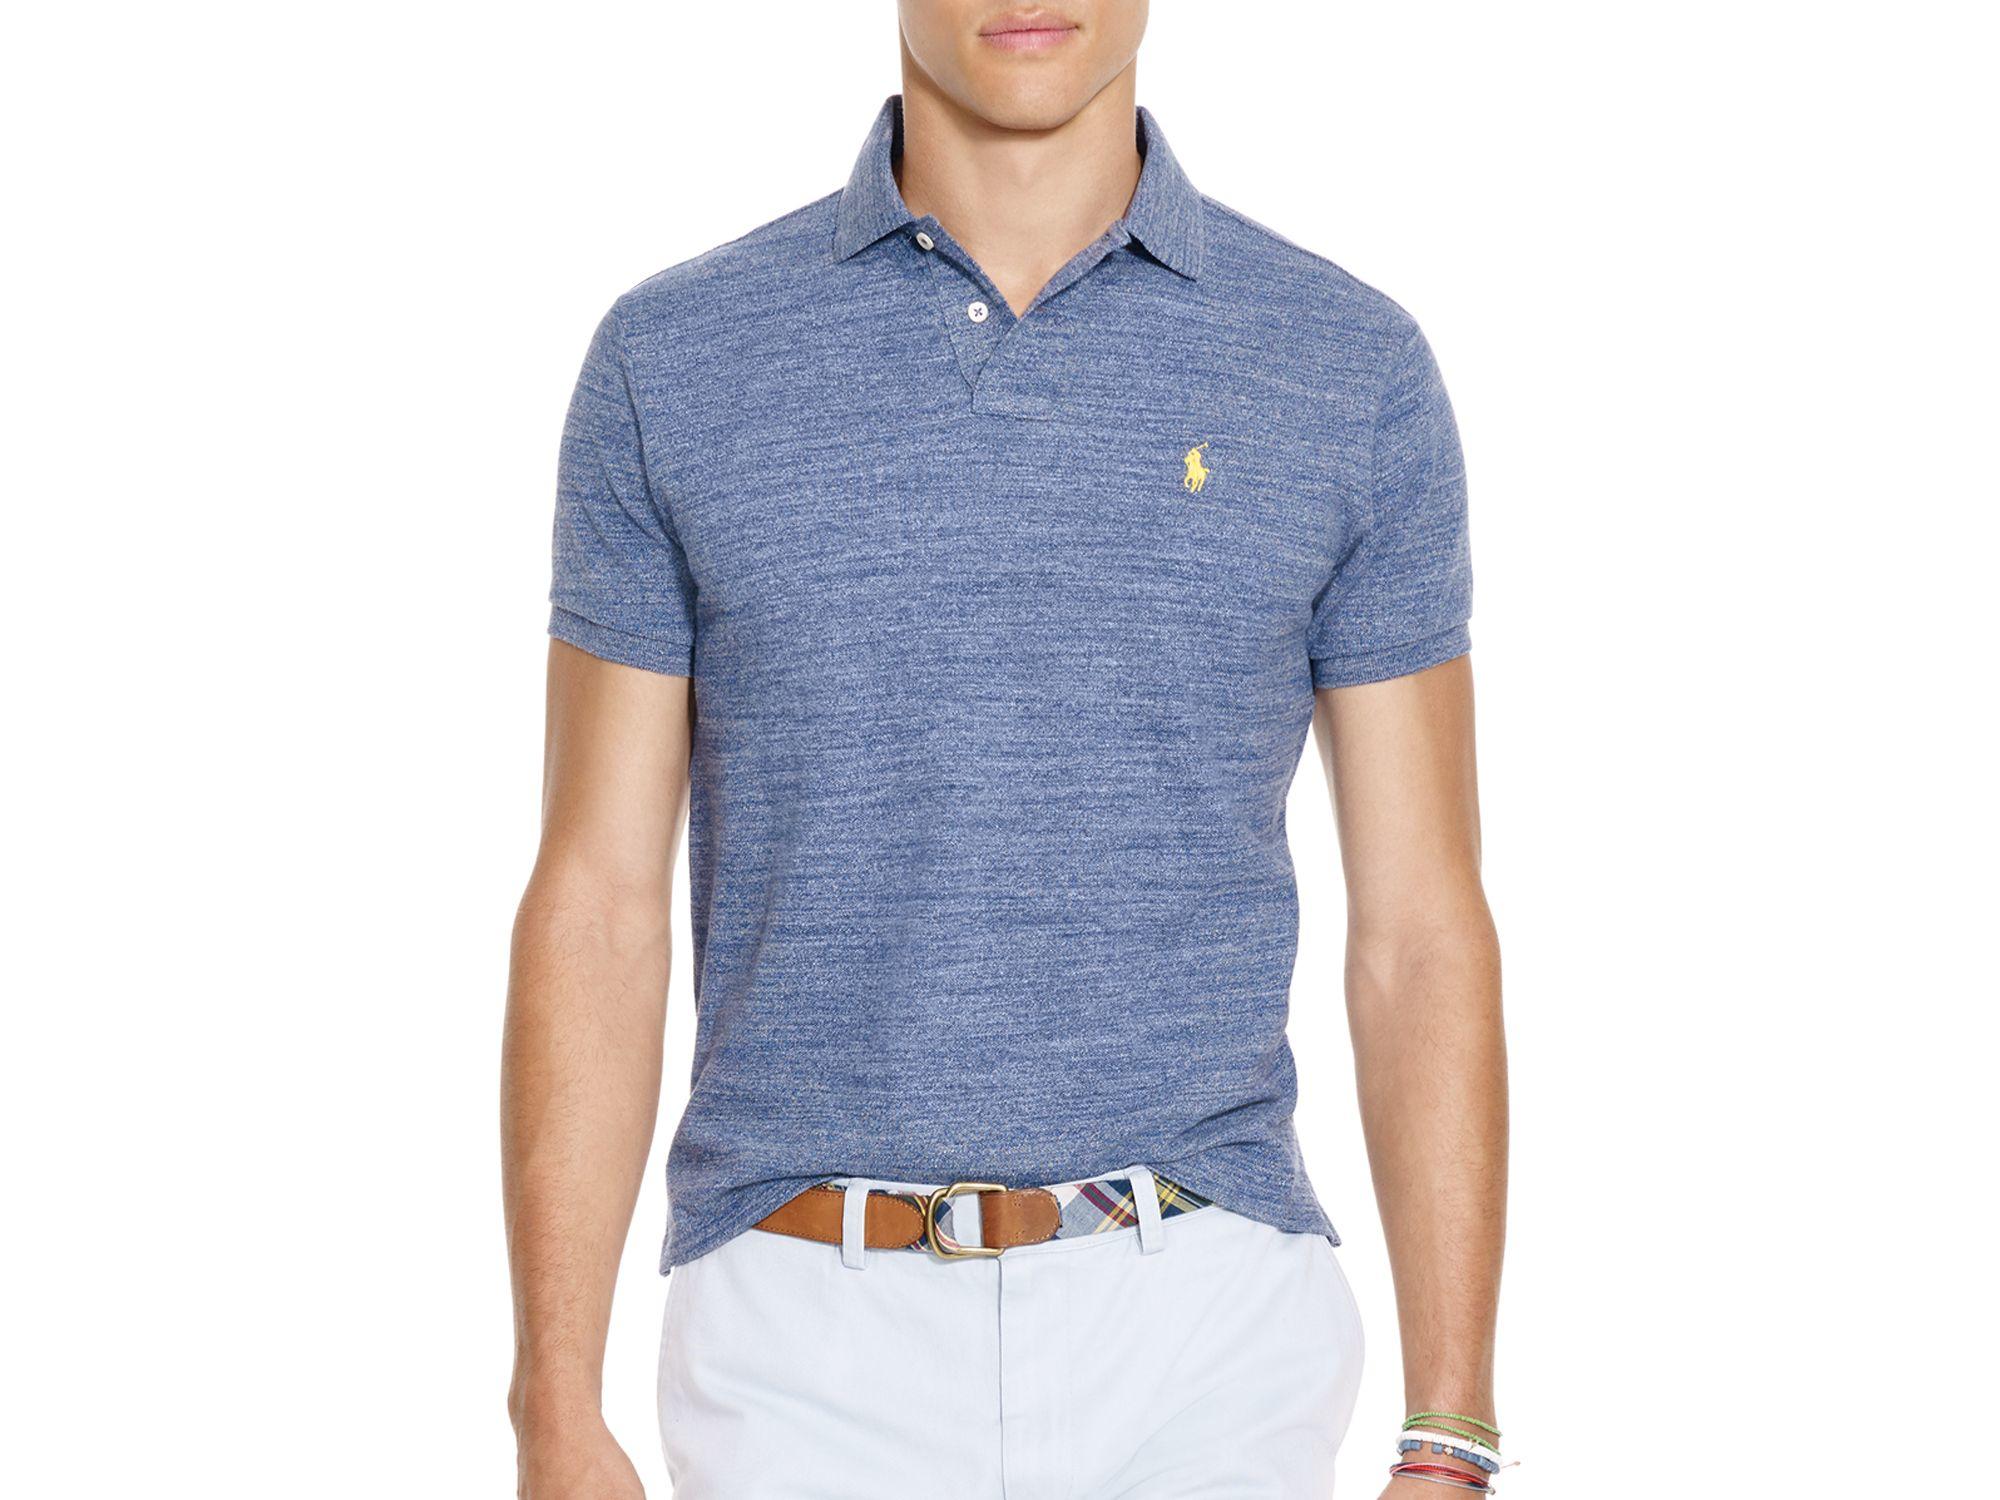 Mesh Ralph Fit Slim Blue Men Shirt Polo For Lauren XwPNZnOk80